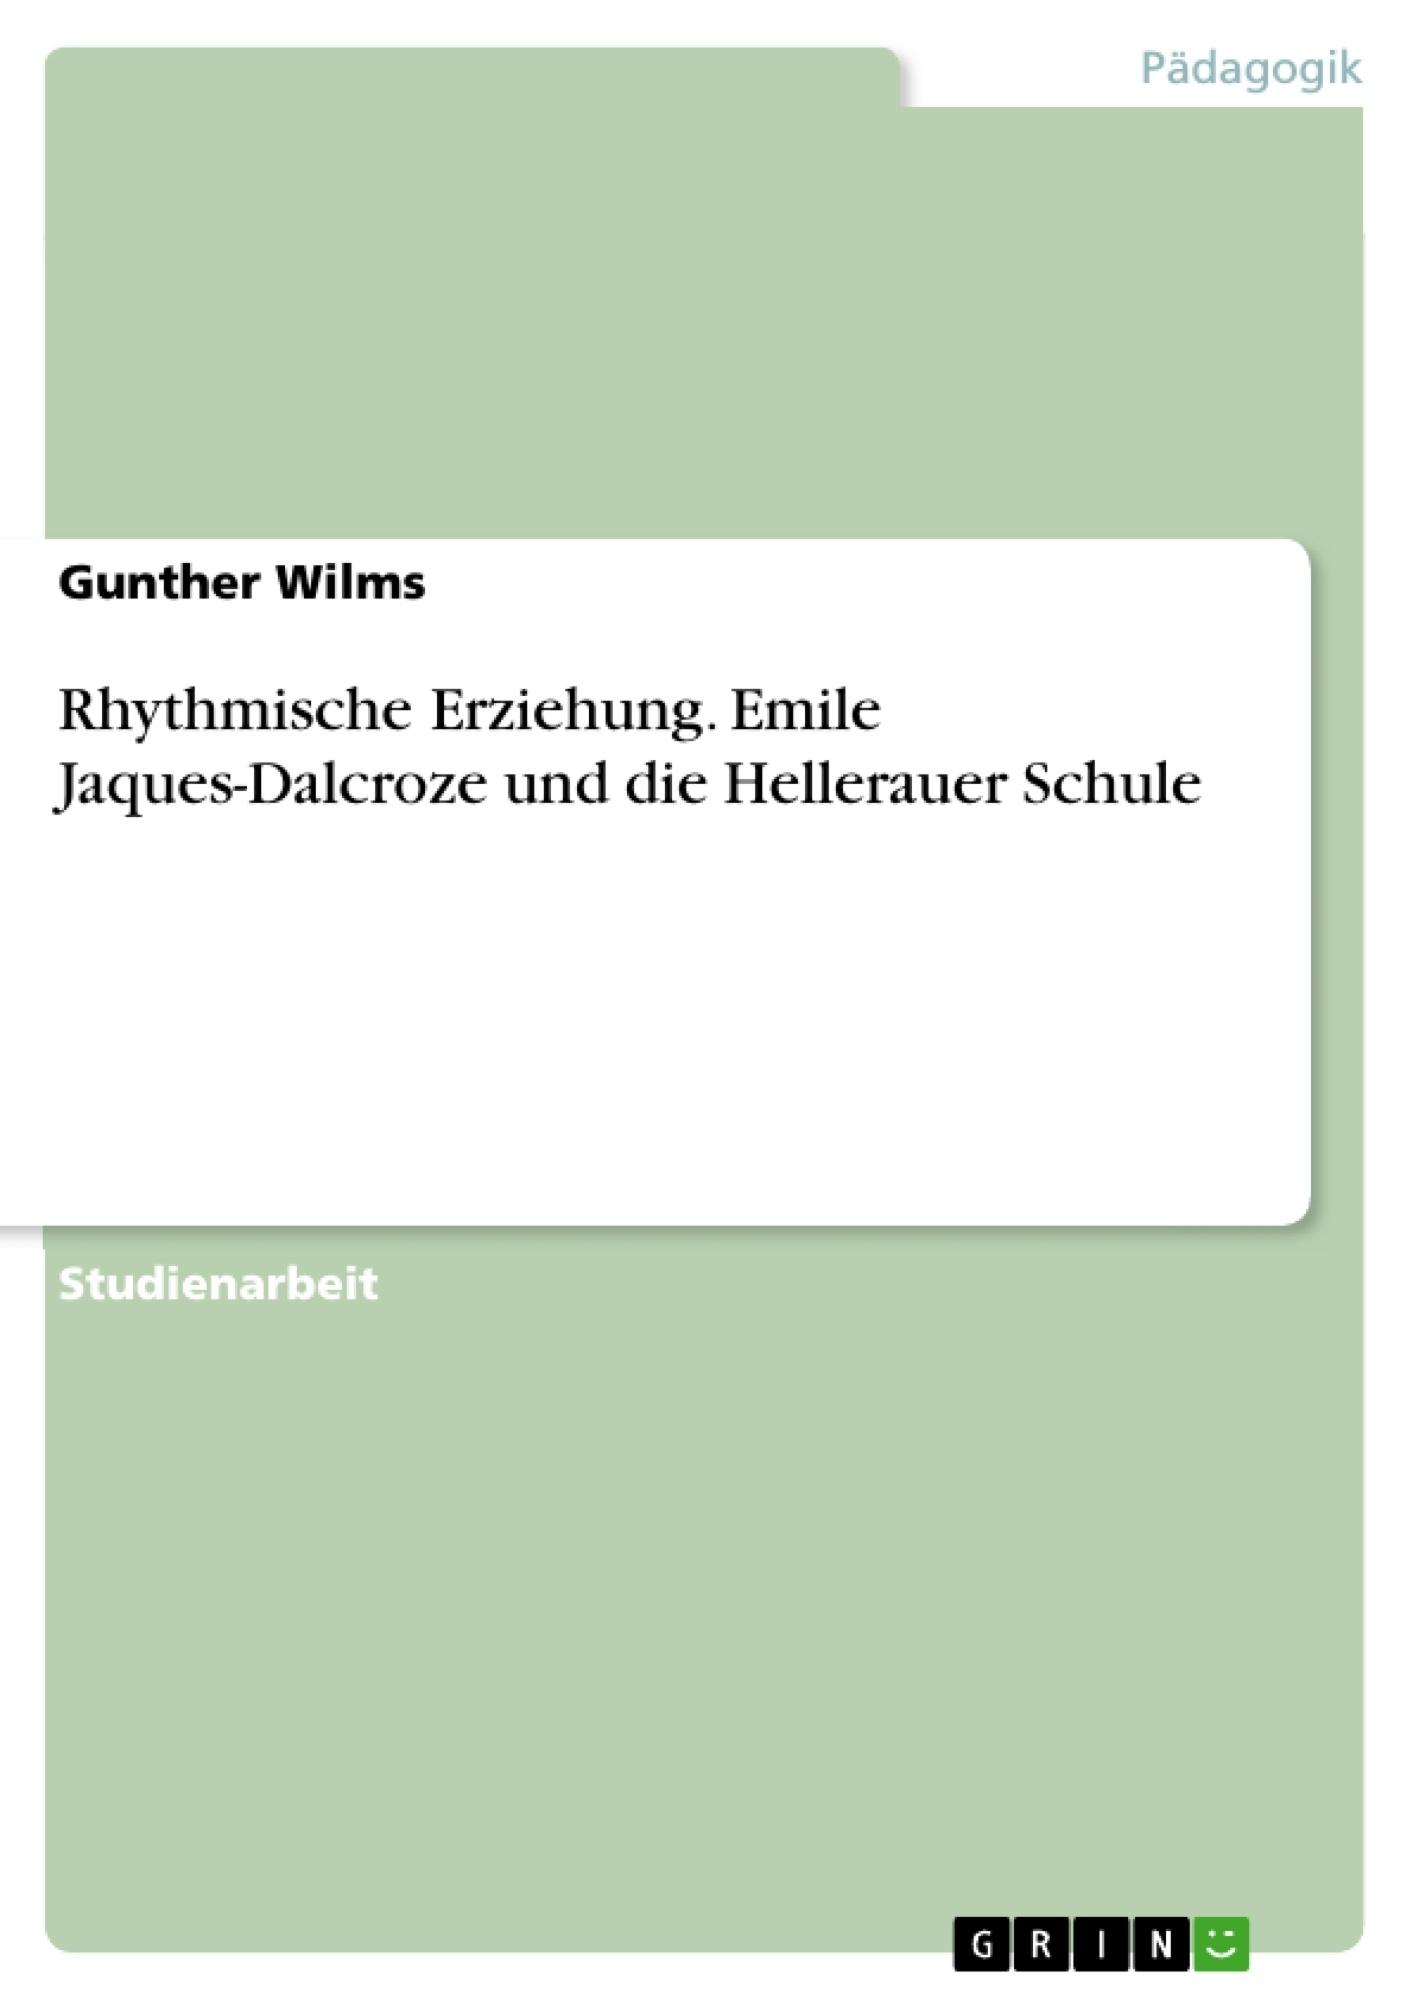 Titel: Rhythmische Erziehung. Emile Jaques-Dalcroze  und die Hellerauer Schule